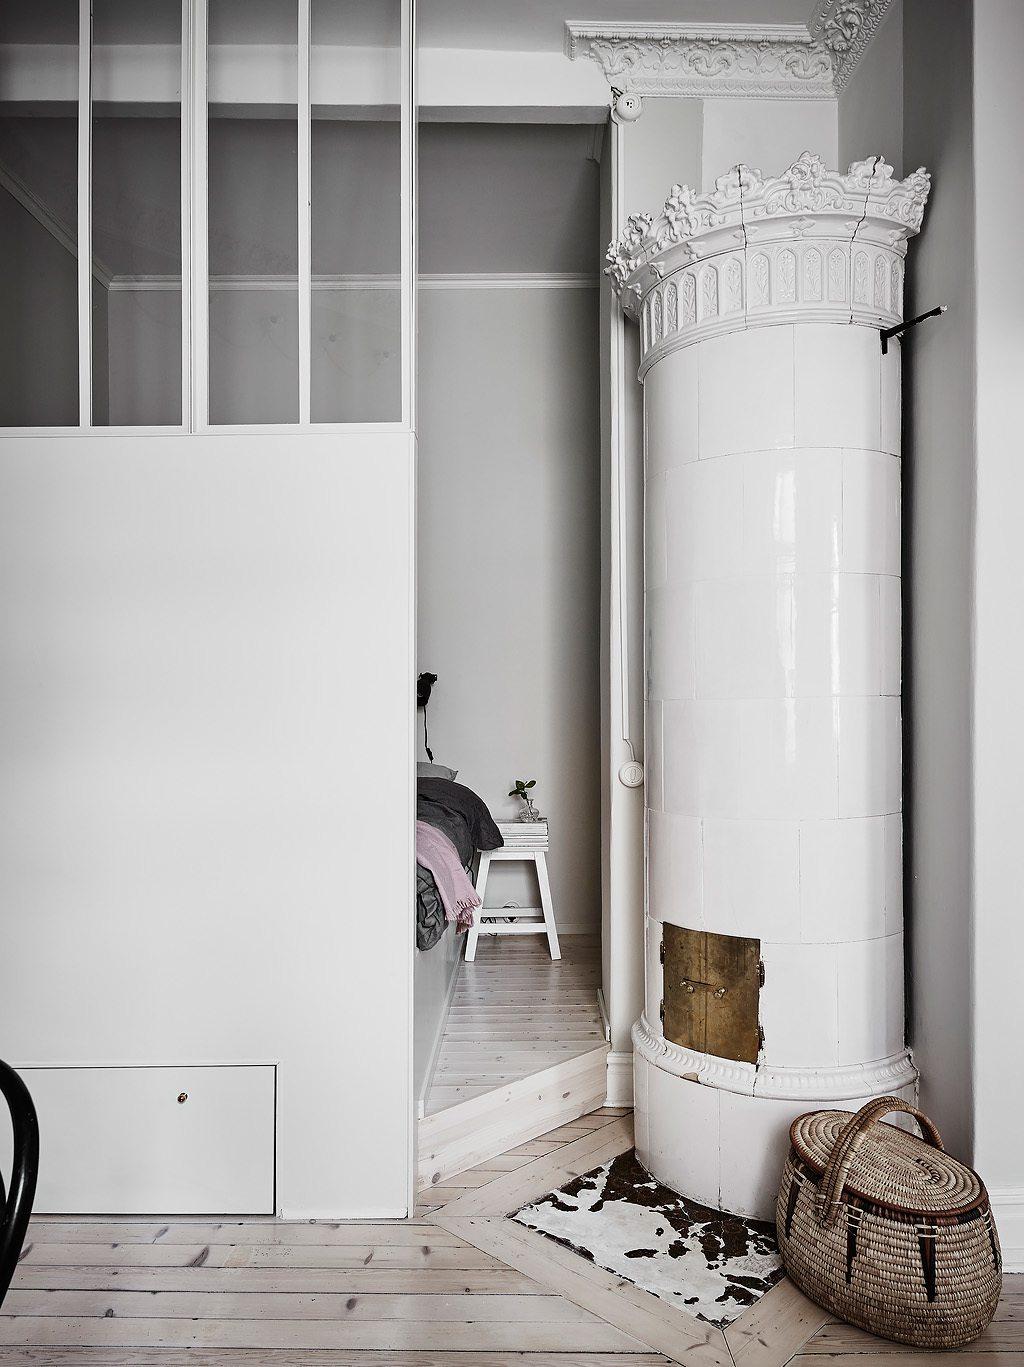 http://www.inrichting-huis.com/wp-content/afbeeldingen/binnen-slaapkamer-is-slaapkamer-gecreeerd.jpg